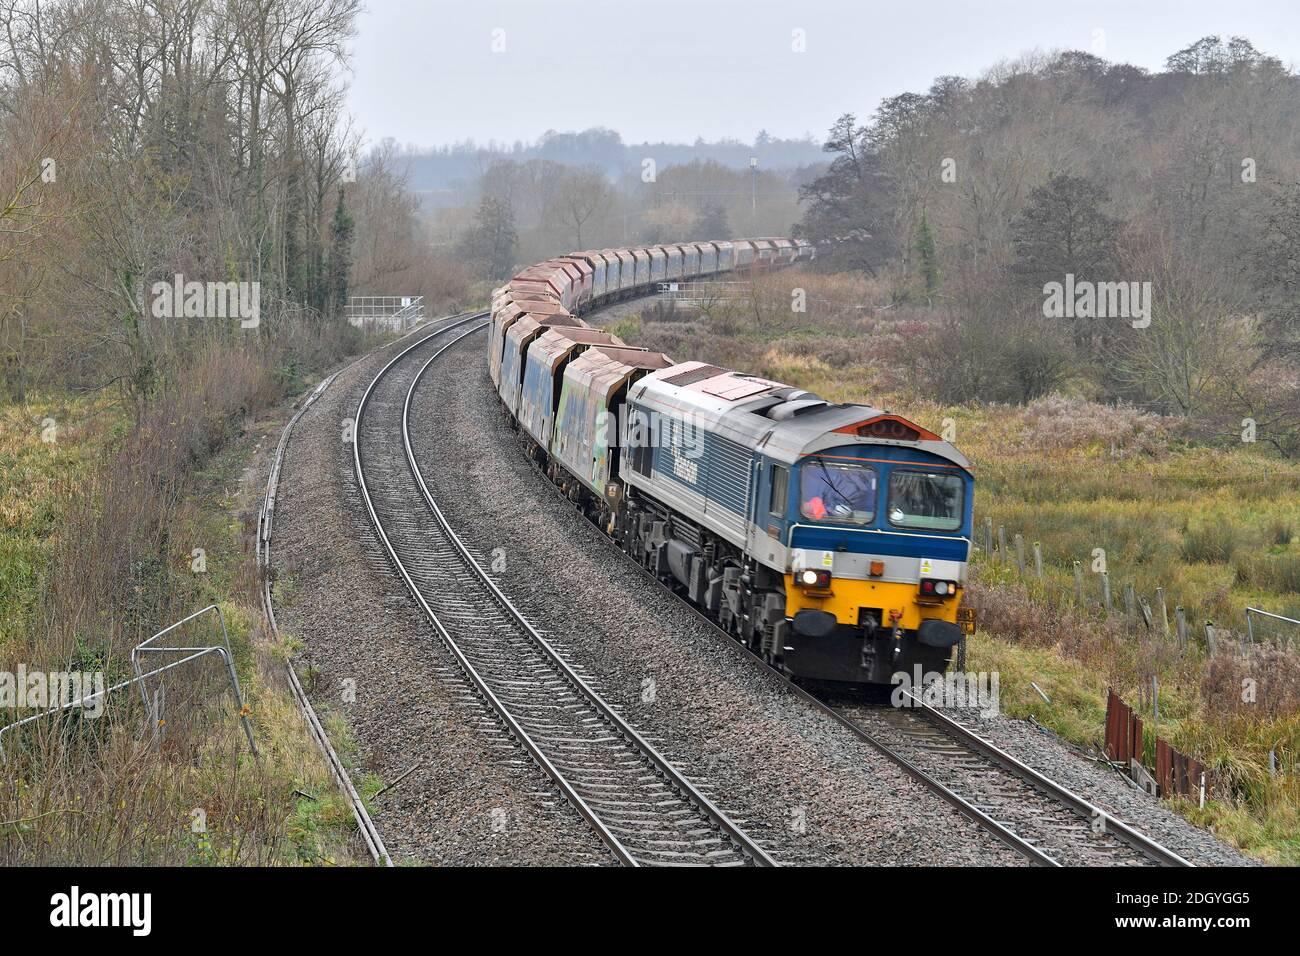 GV du village de Kintbury, près de Hungerford, Berkshire - ligne de train, mercredi 2 décembre 2020. Banque D'Images